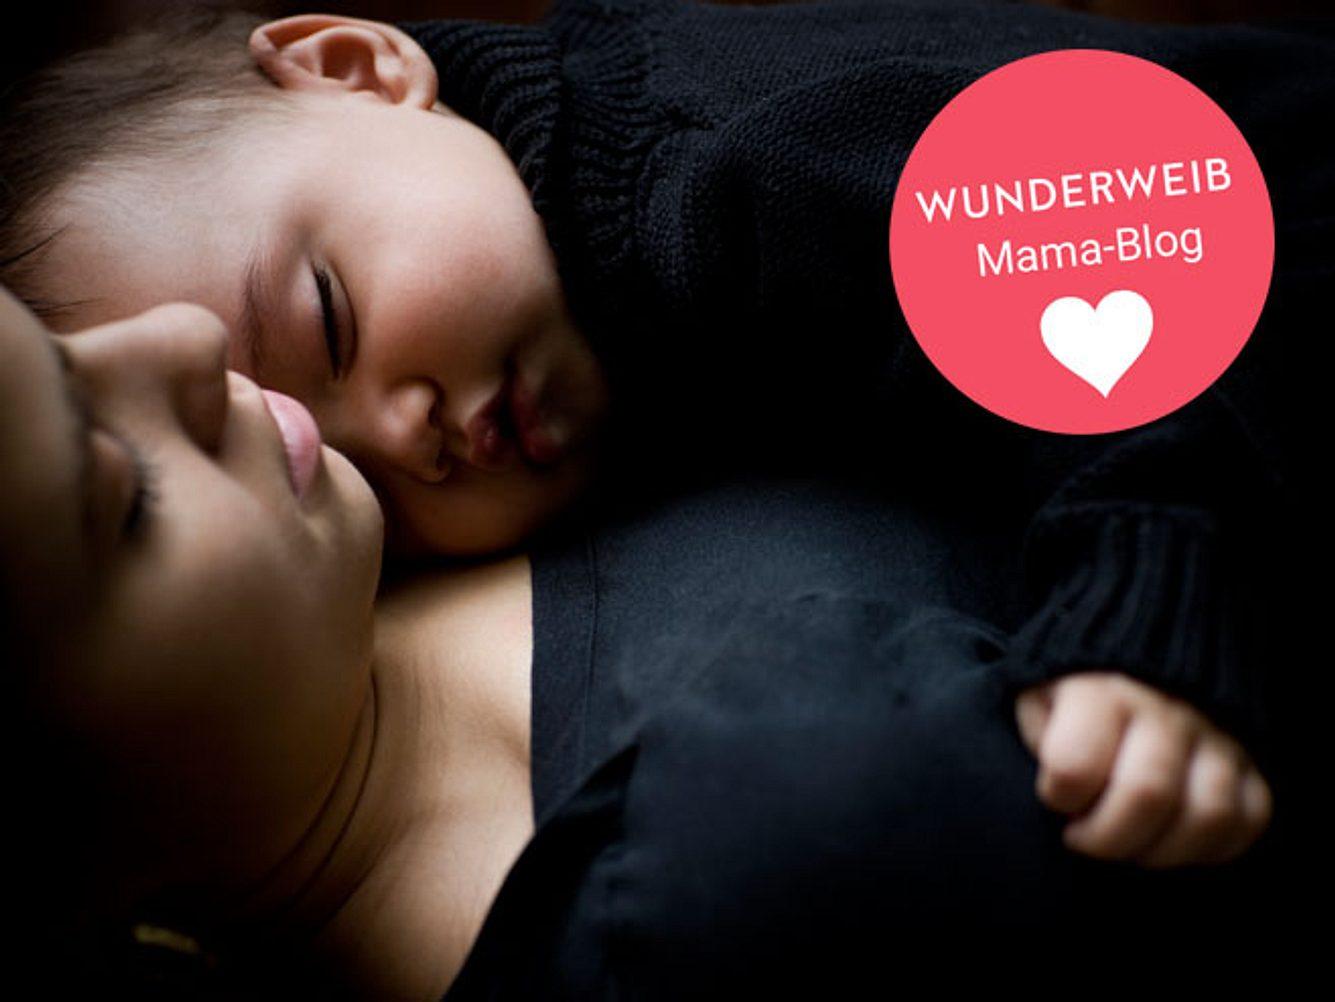 Ab dem Moment, in dem du ein Baby bekommst, verändert sich dein ganzes Leben - für immer.